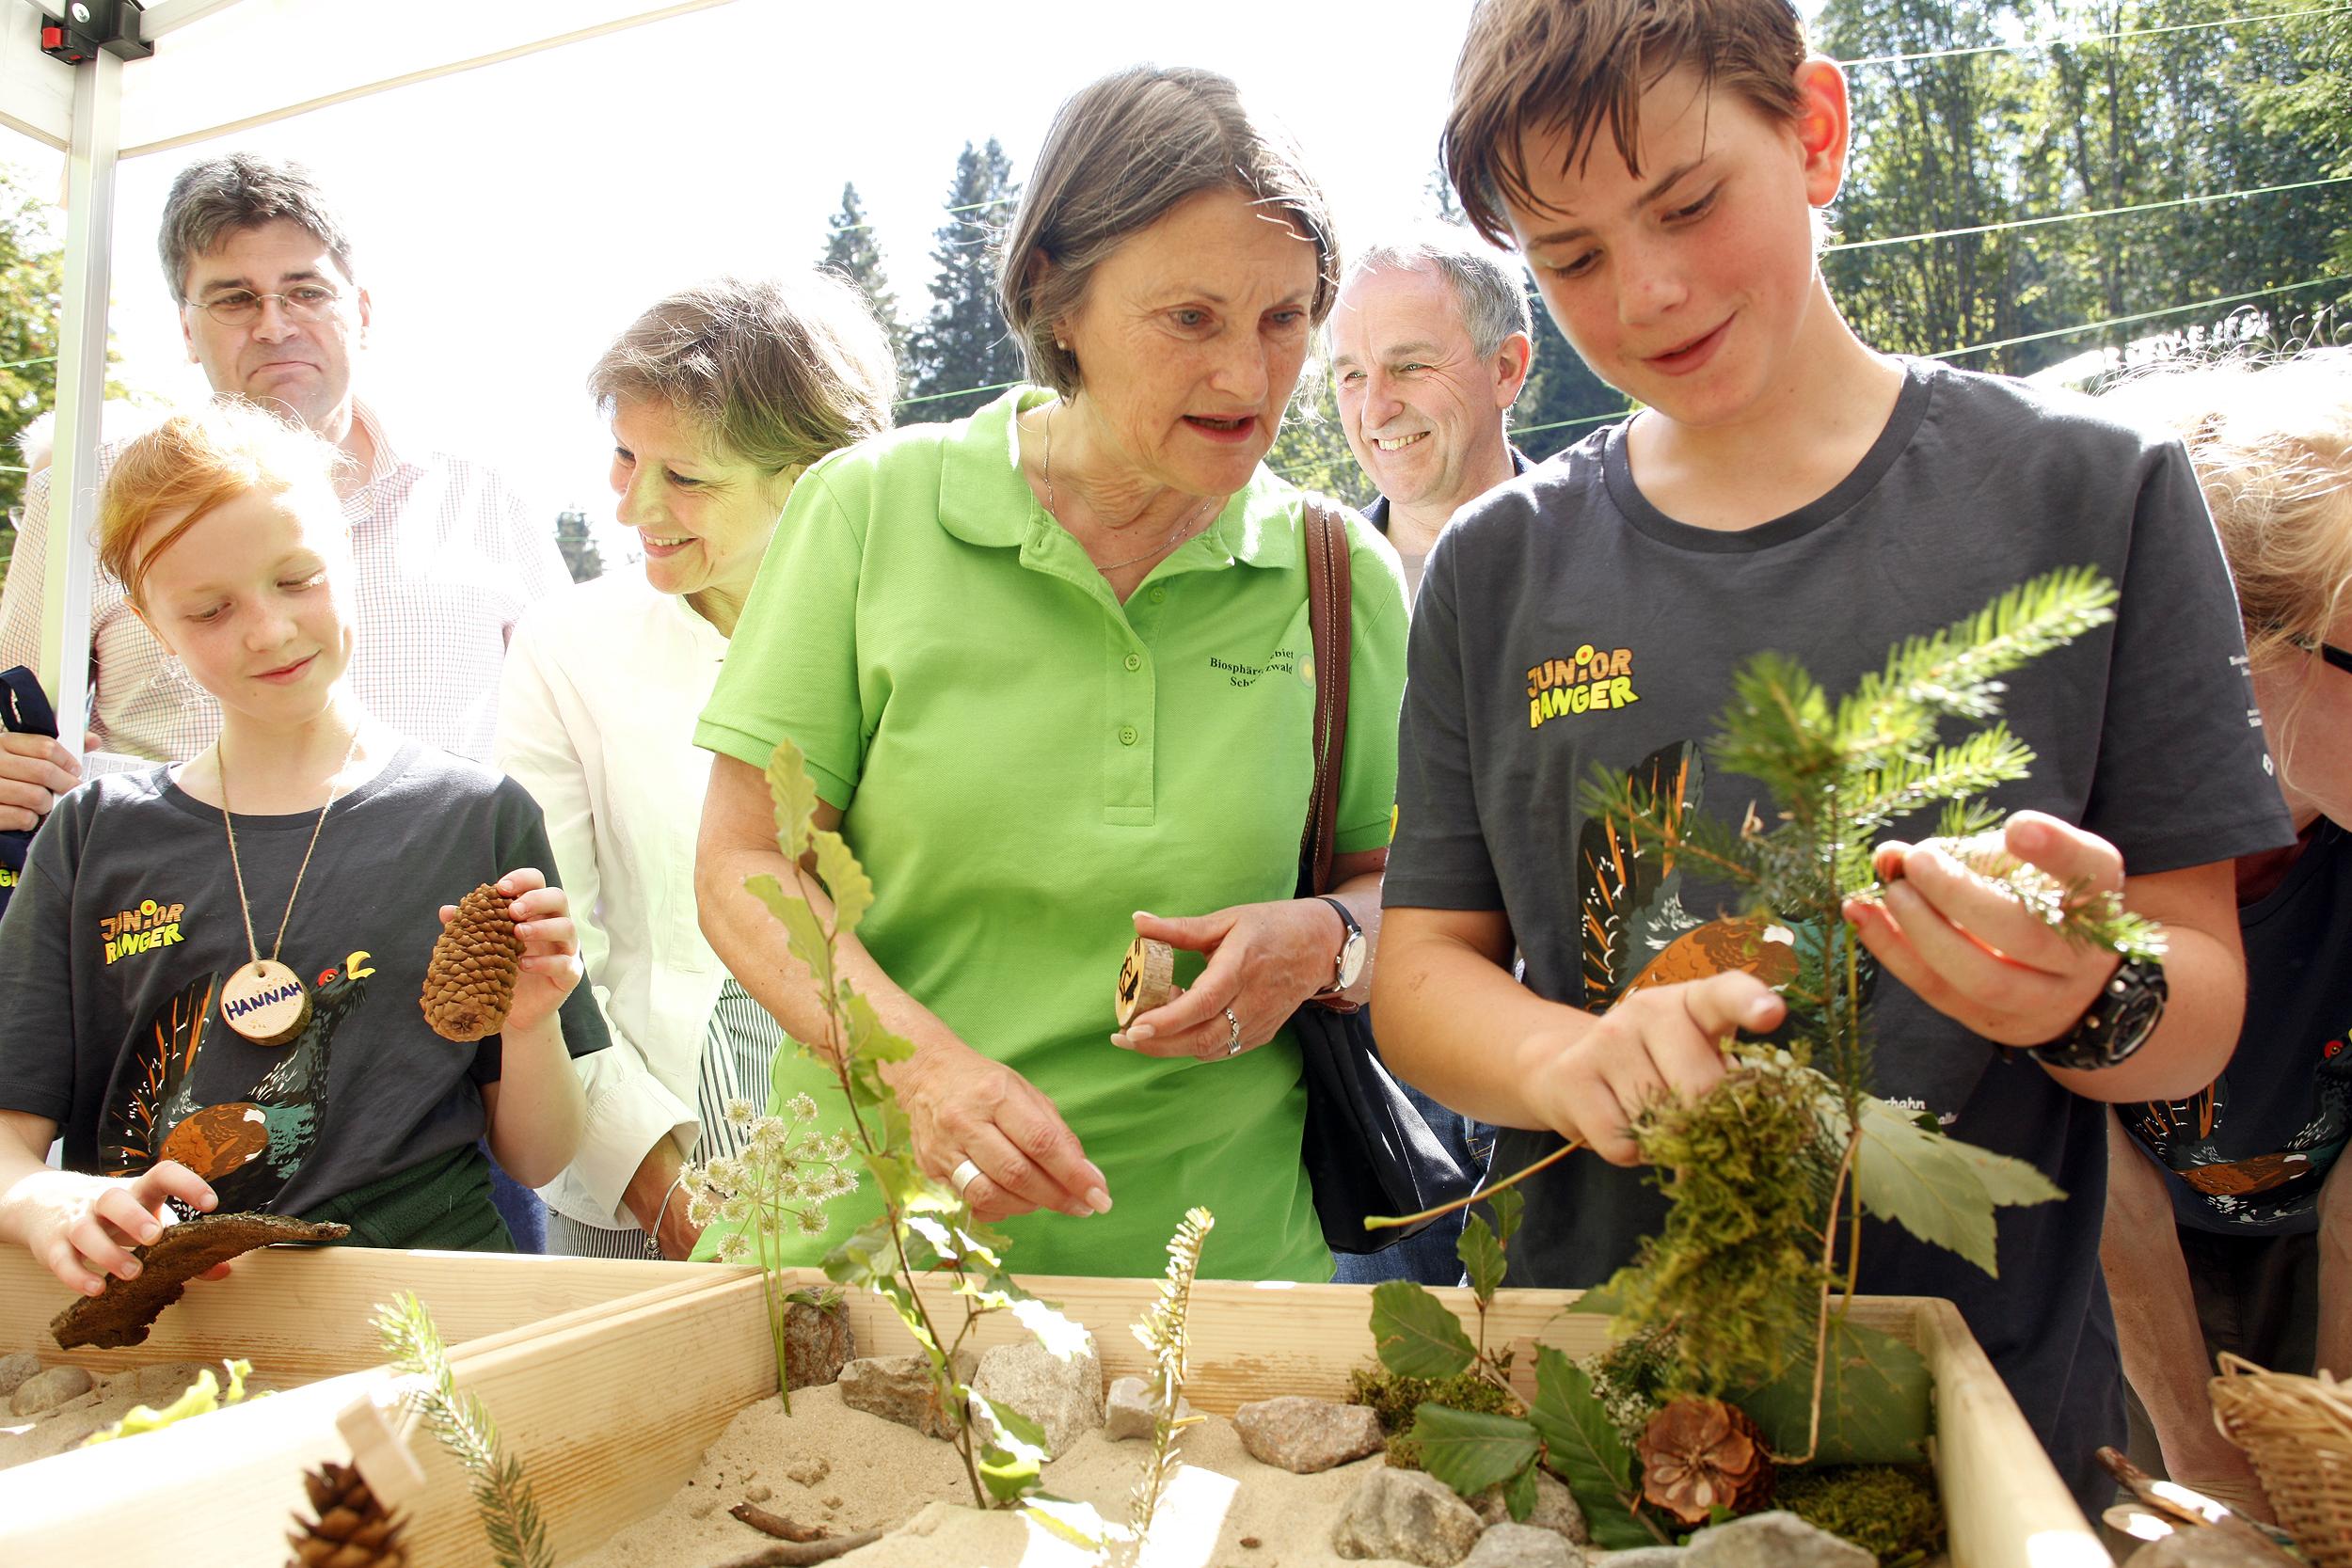 Mit Begeisterung für Natur und Umwelt: Rund 200 Kinder beim bundesweiten Junior-Ranger-Treffen in Bernau